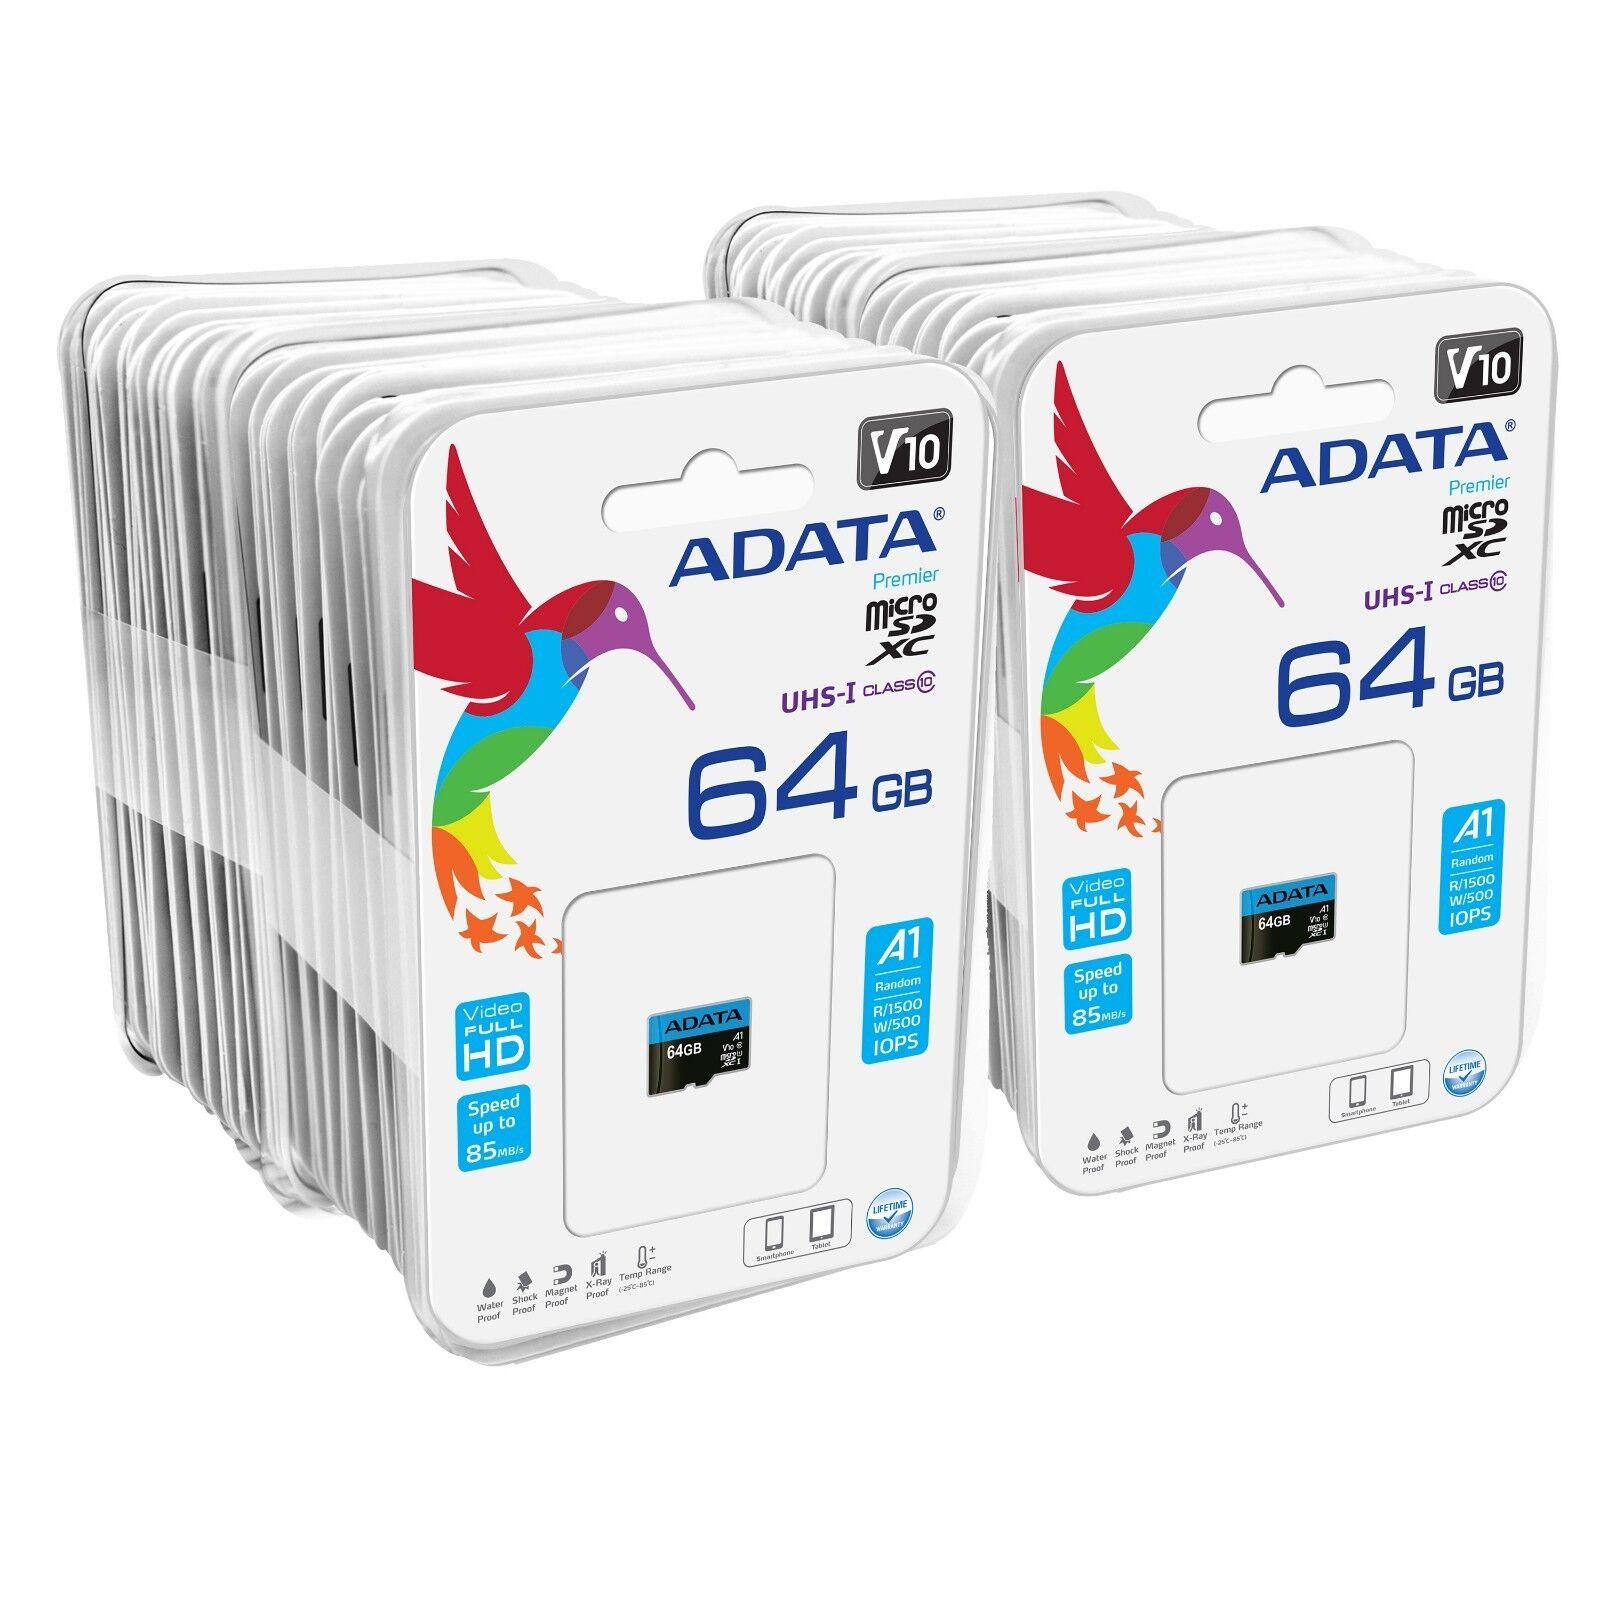 128GB 64GB 32GB 16GB Micro SD Card Class 10 Samsung S9 LG Ni